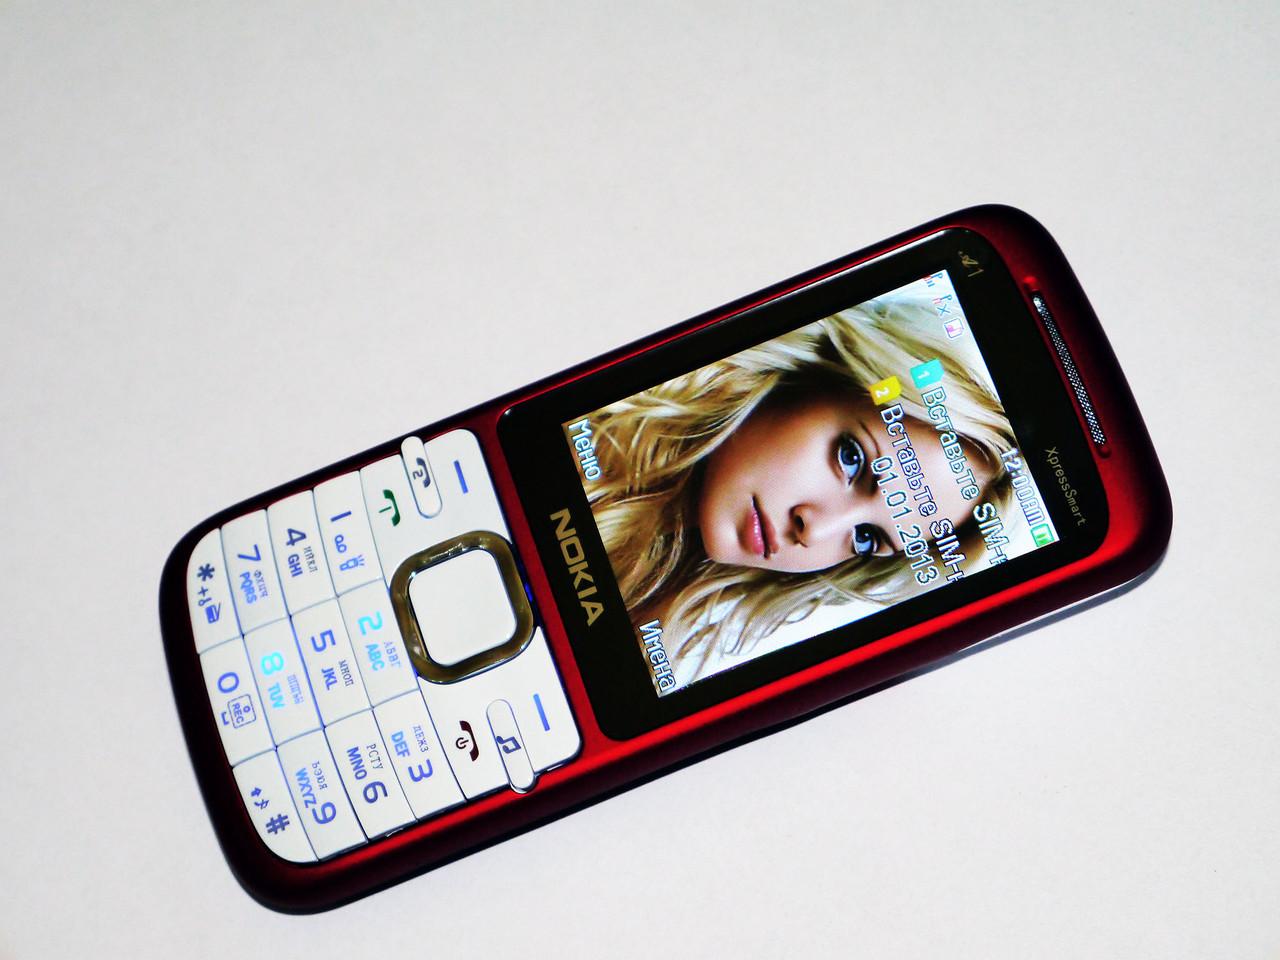 Телефон Nokia A1 Белый - 2Sim +2,4'' Экран